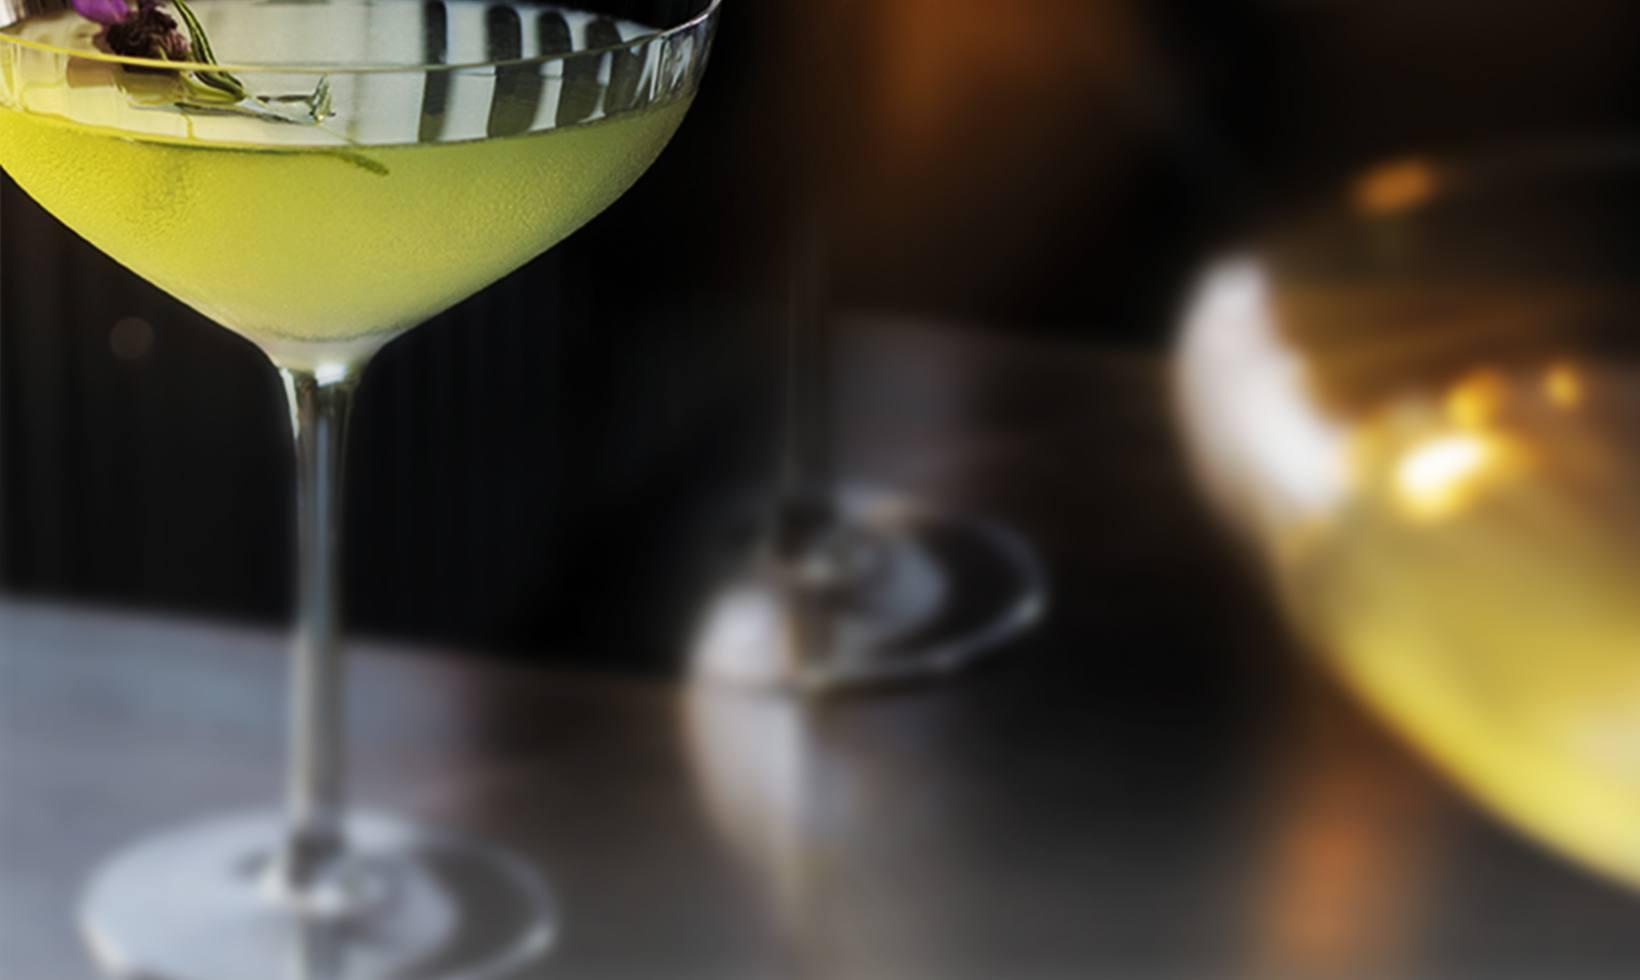 GREY GOOSE Le Citron Snowfall Martini Cocktail